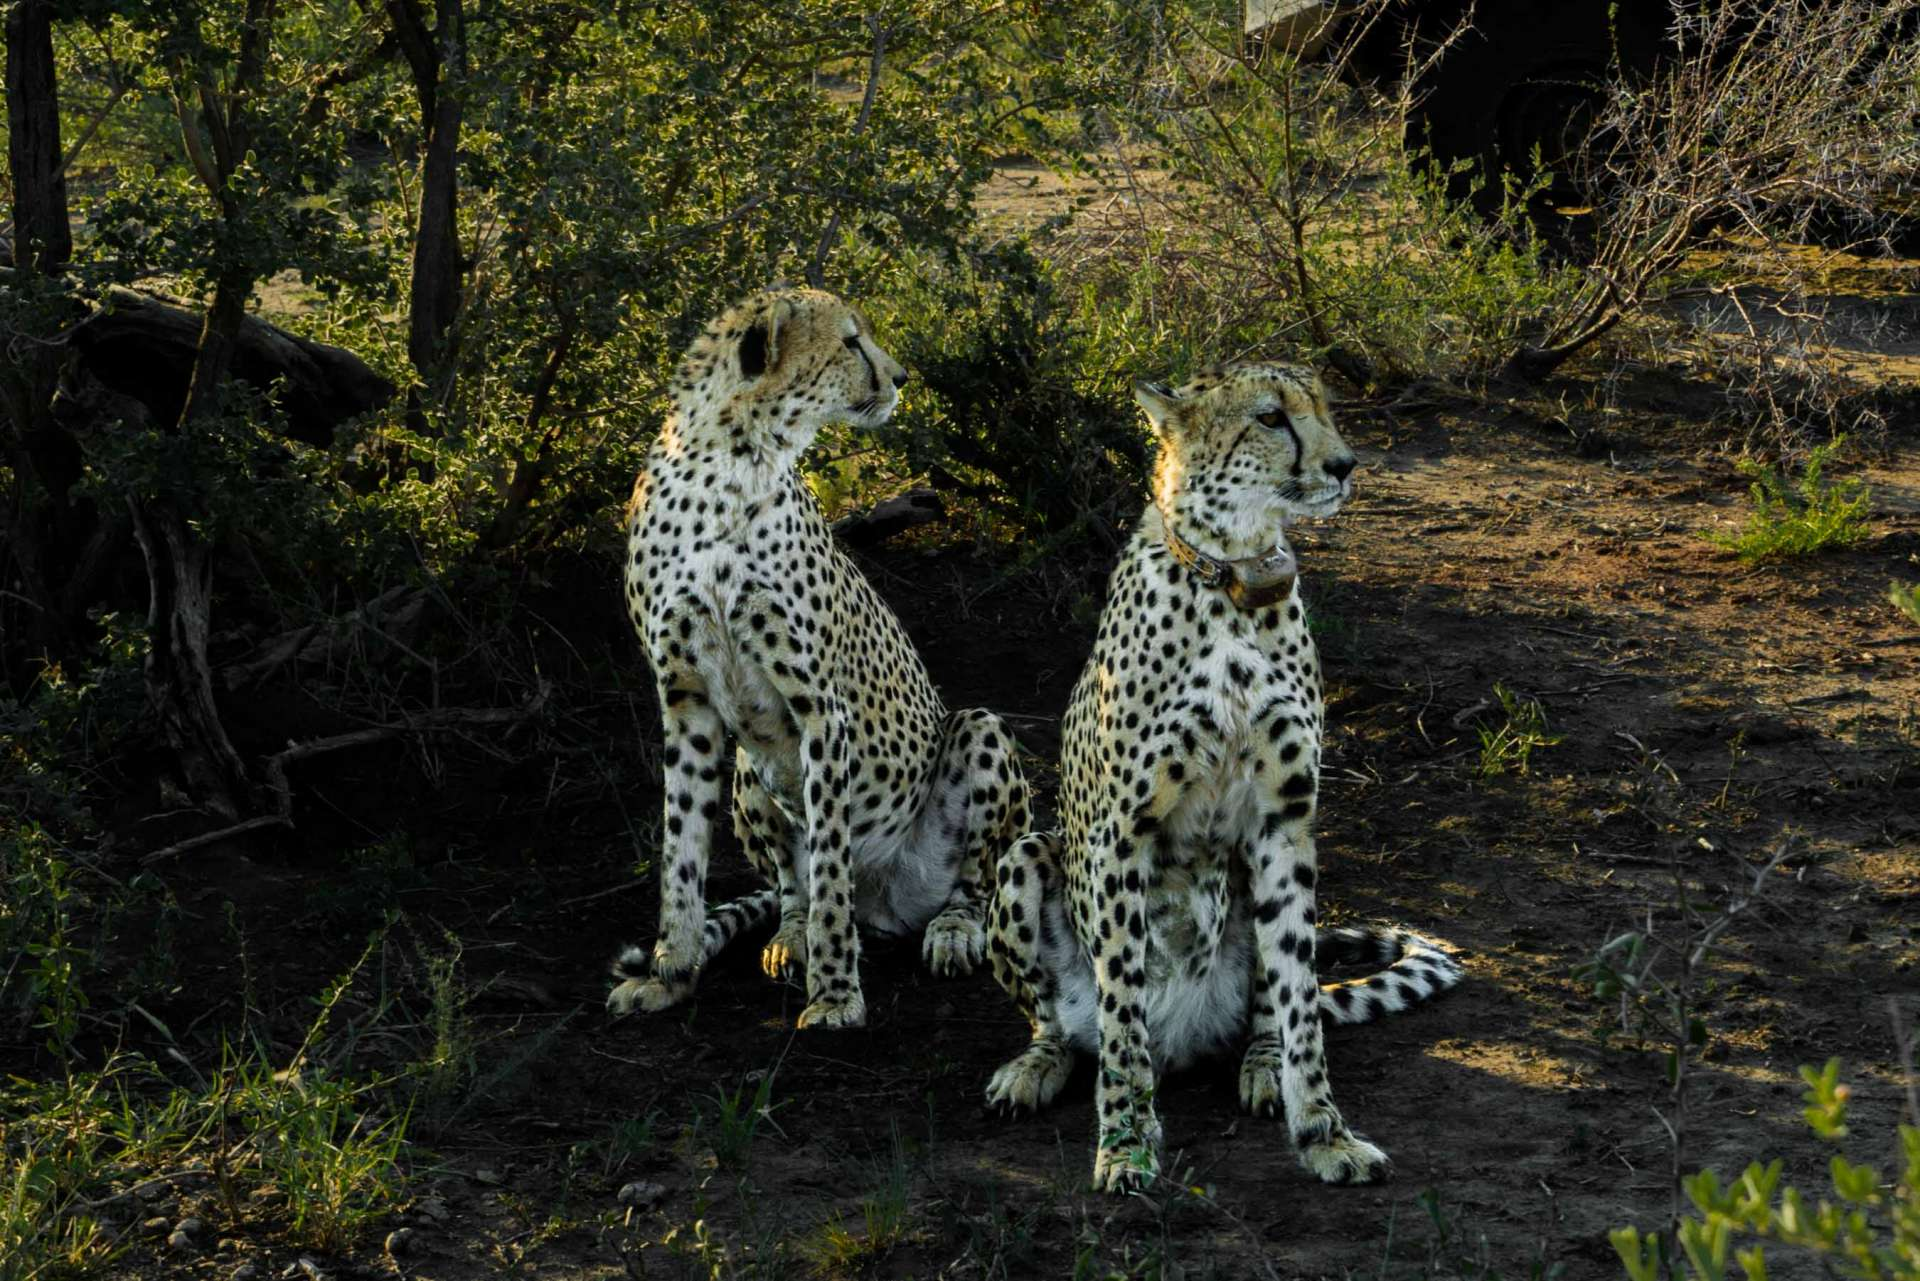 south africa madikwe safari pescart cheetah 6